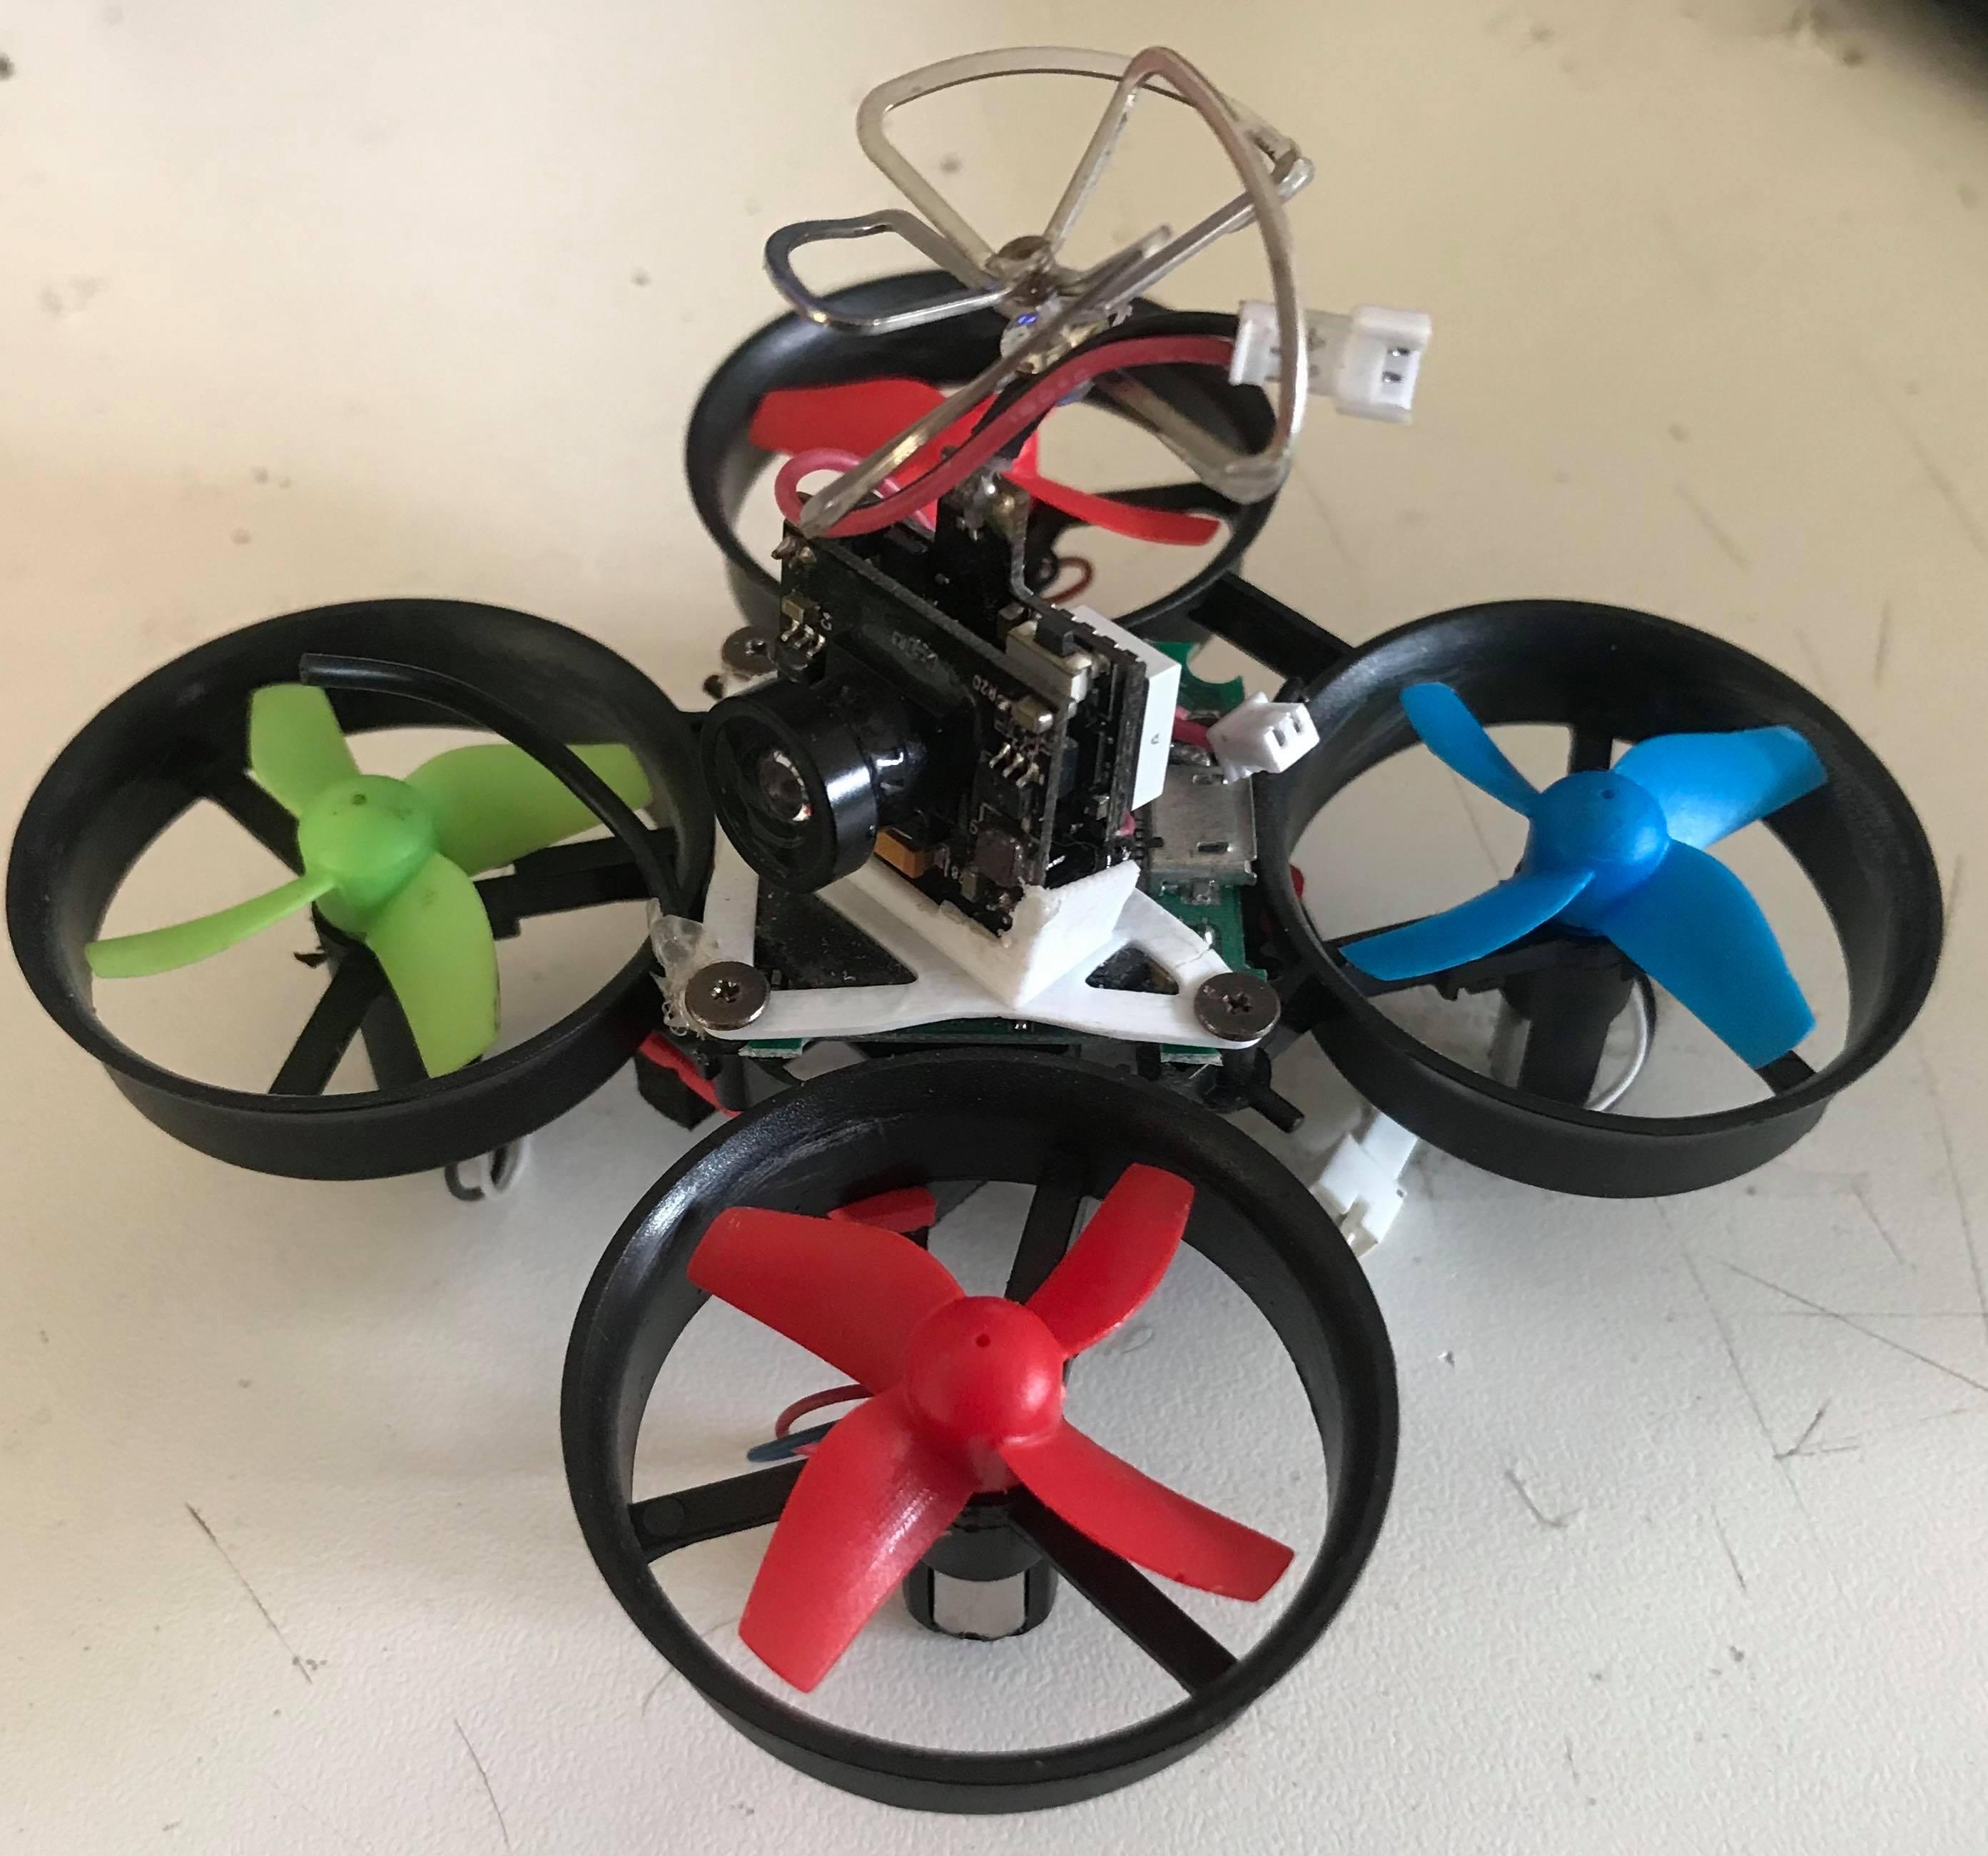 Custom tiny whoop micro racing drone